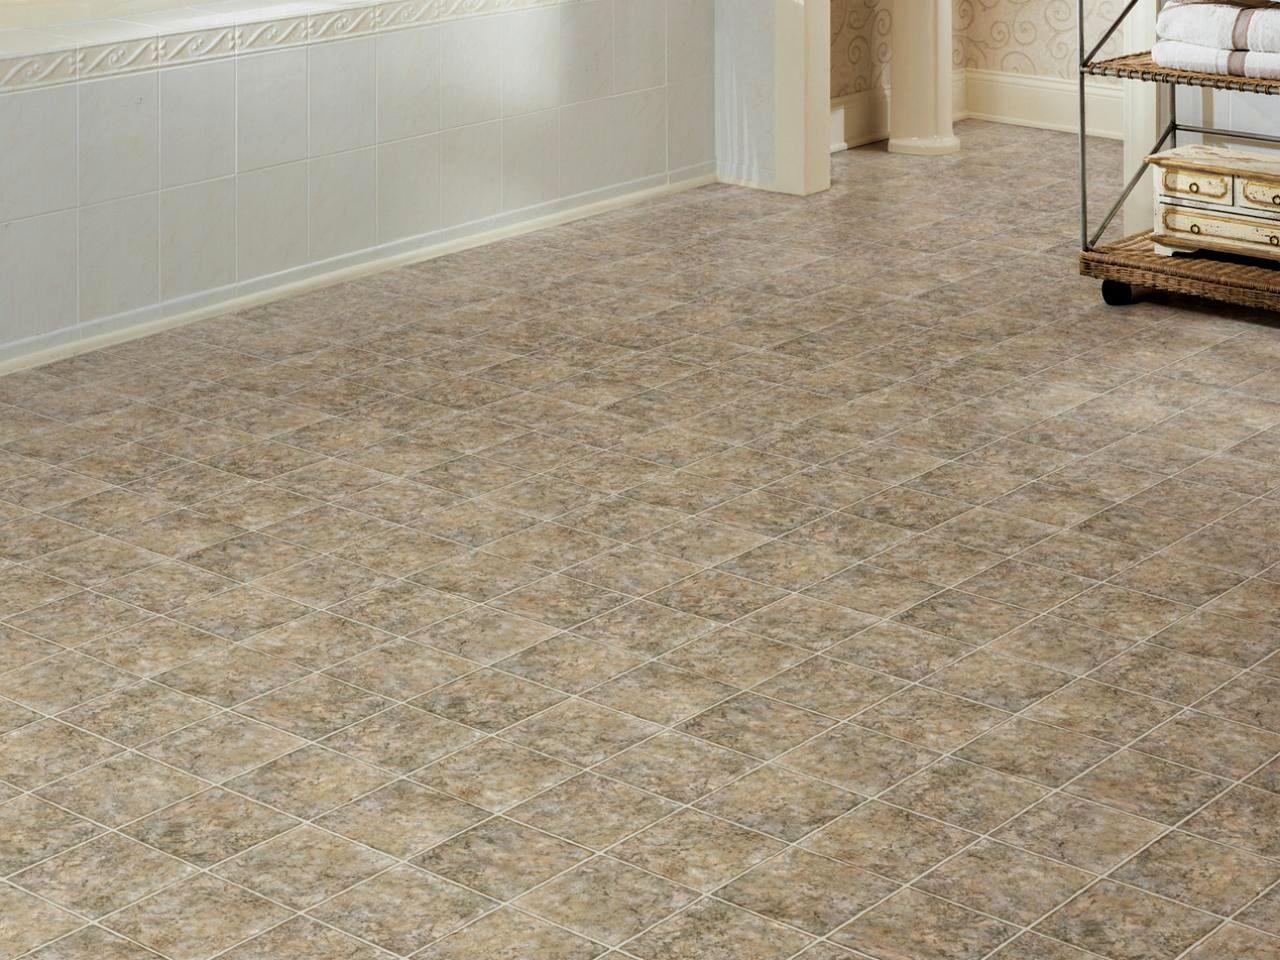 lovely bathroom tiles design pattern-Best Of Bathroom Tiles Design Décor